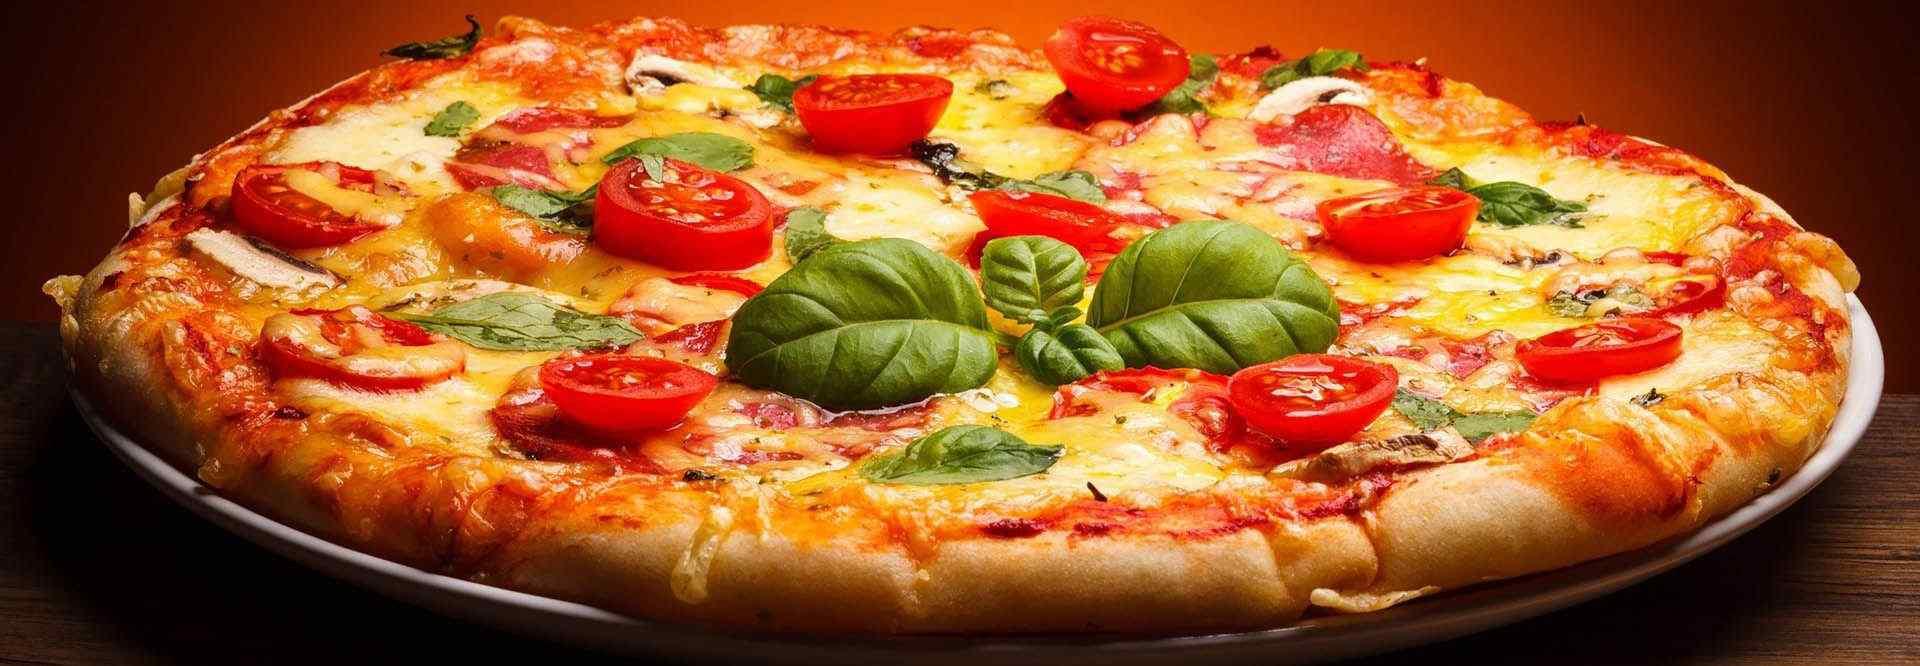 美味披萨_披萨图片_下午茶甜点、披萨_意大利美食图片_花式披萨图片大全_披萨小清新图片_美食壁纸